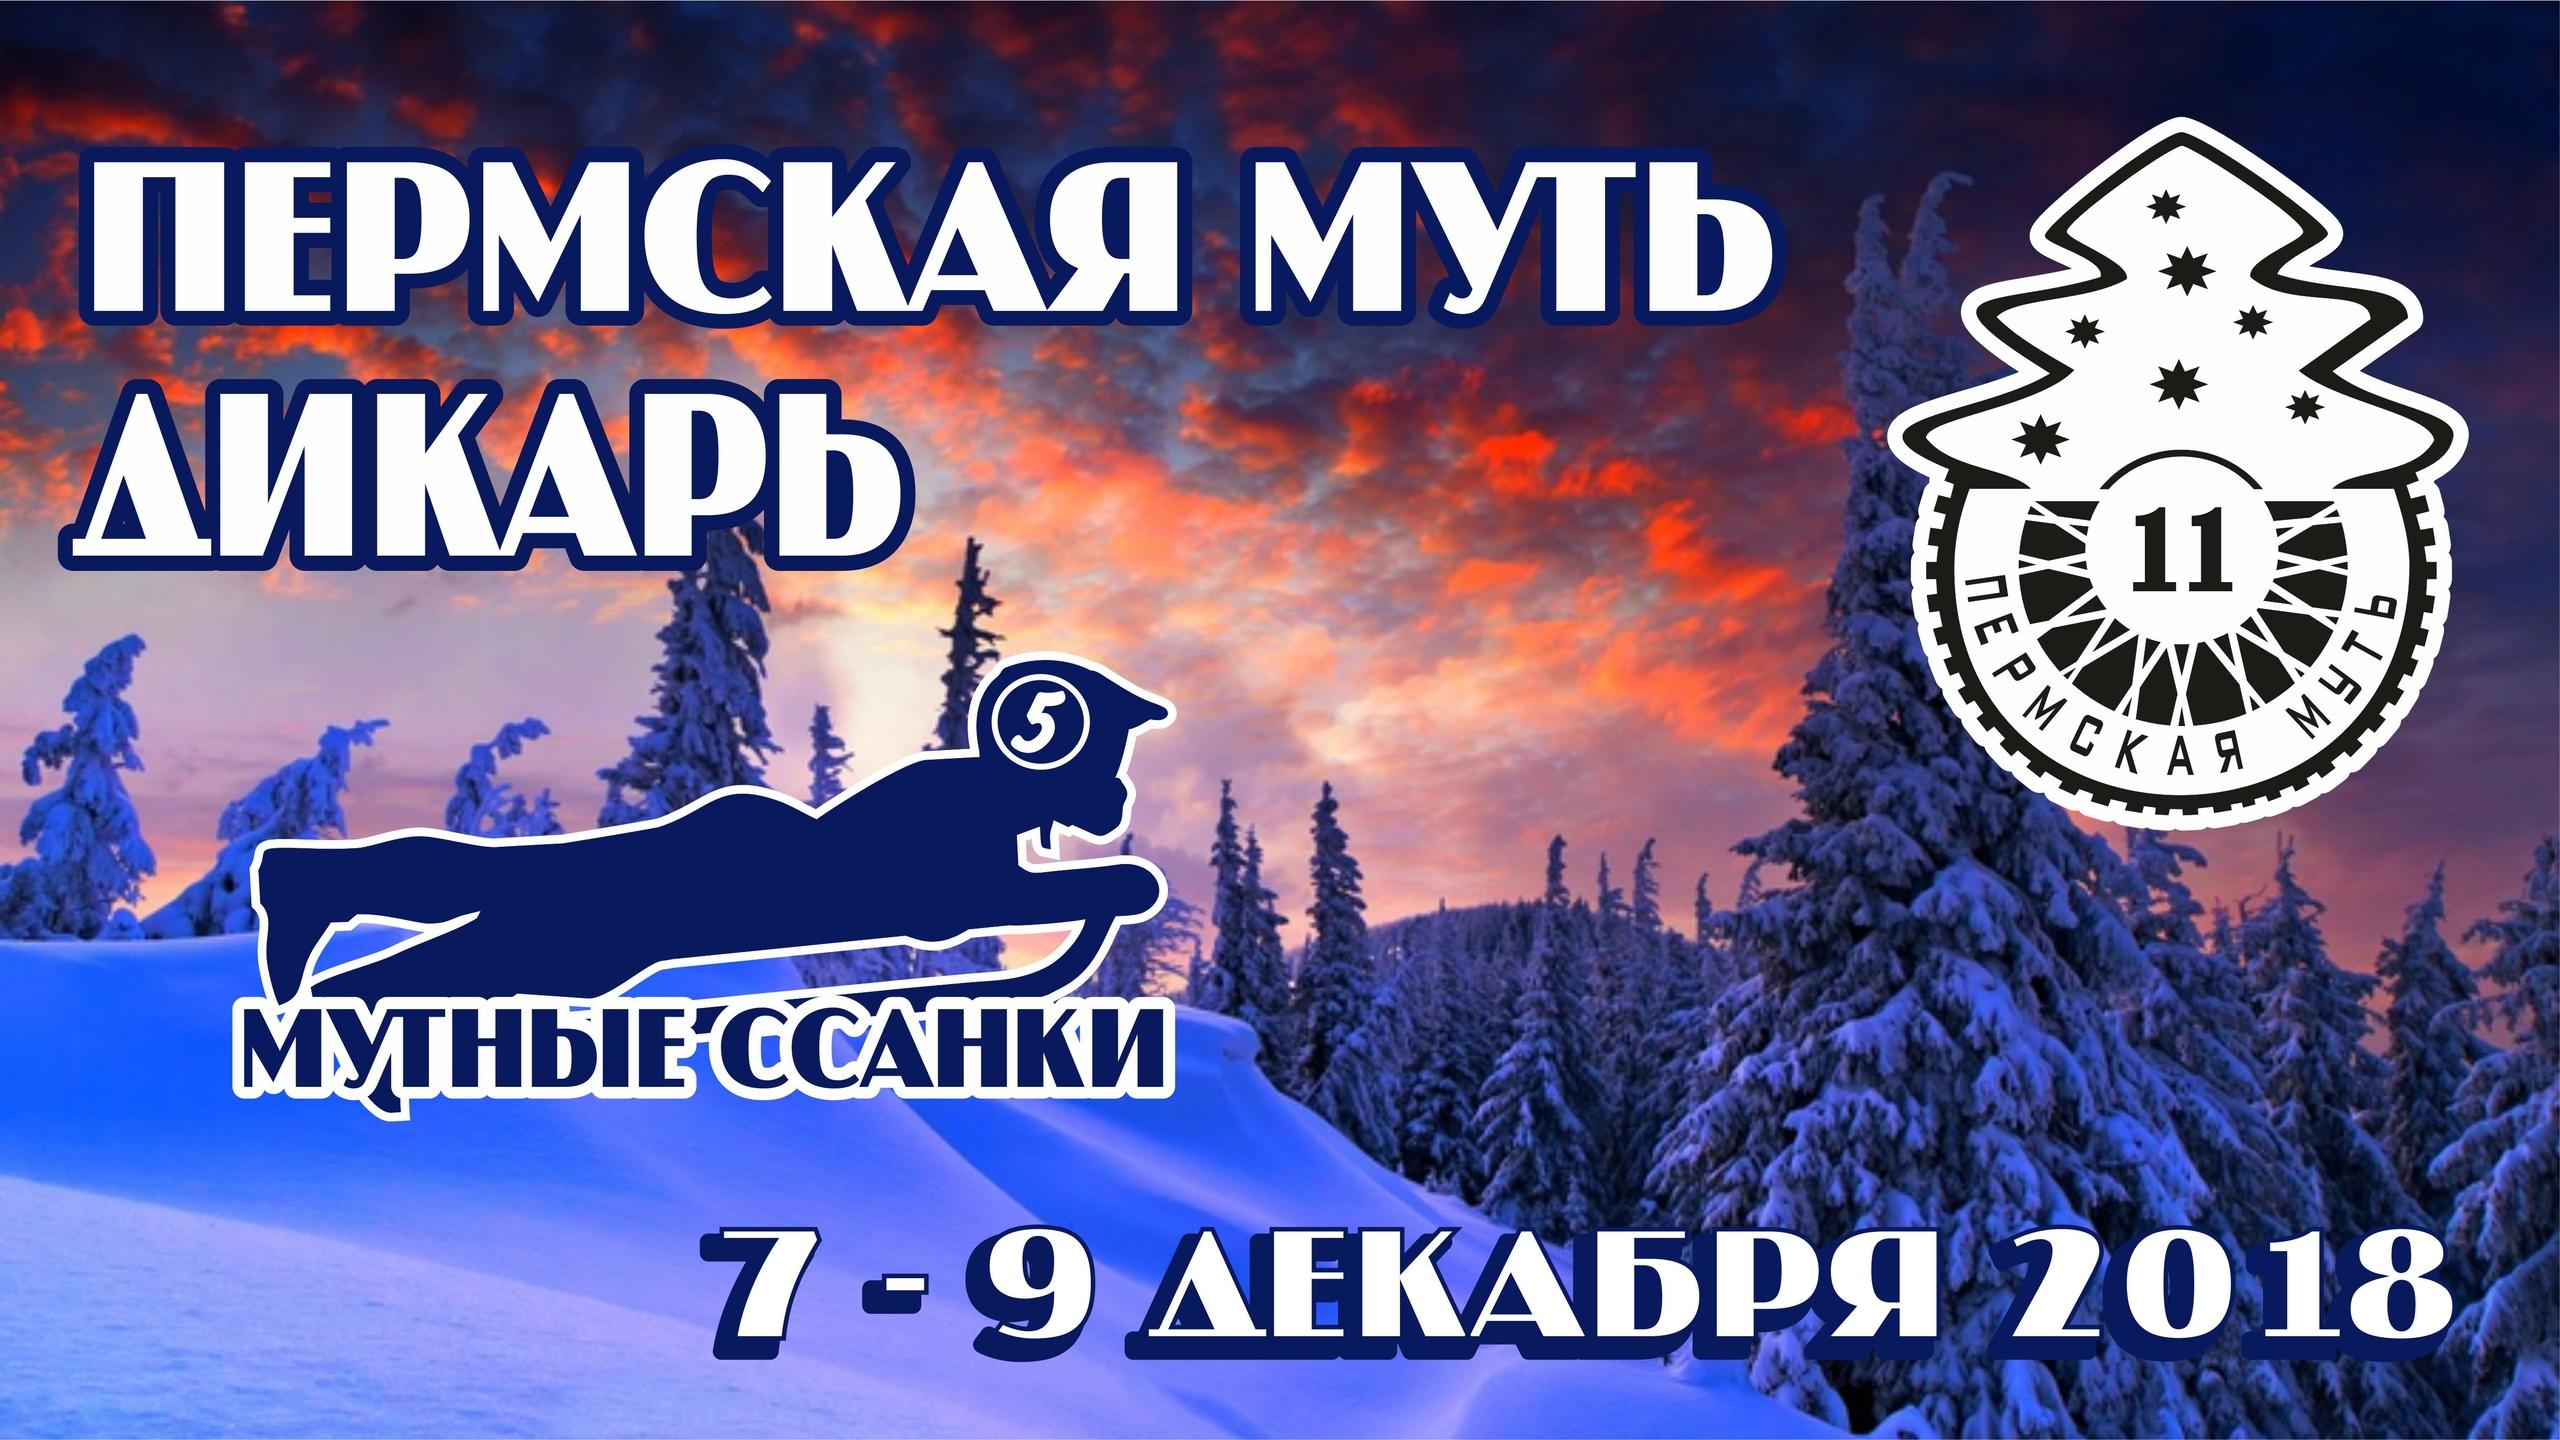 OxFmwMebE_4.jpg